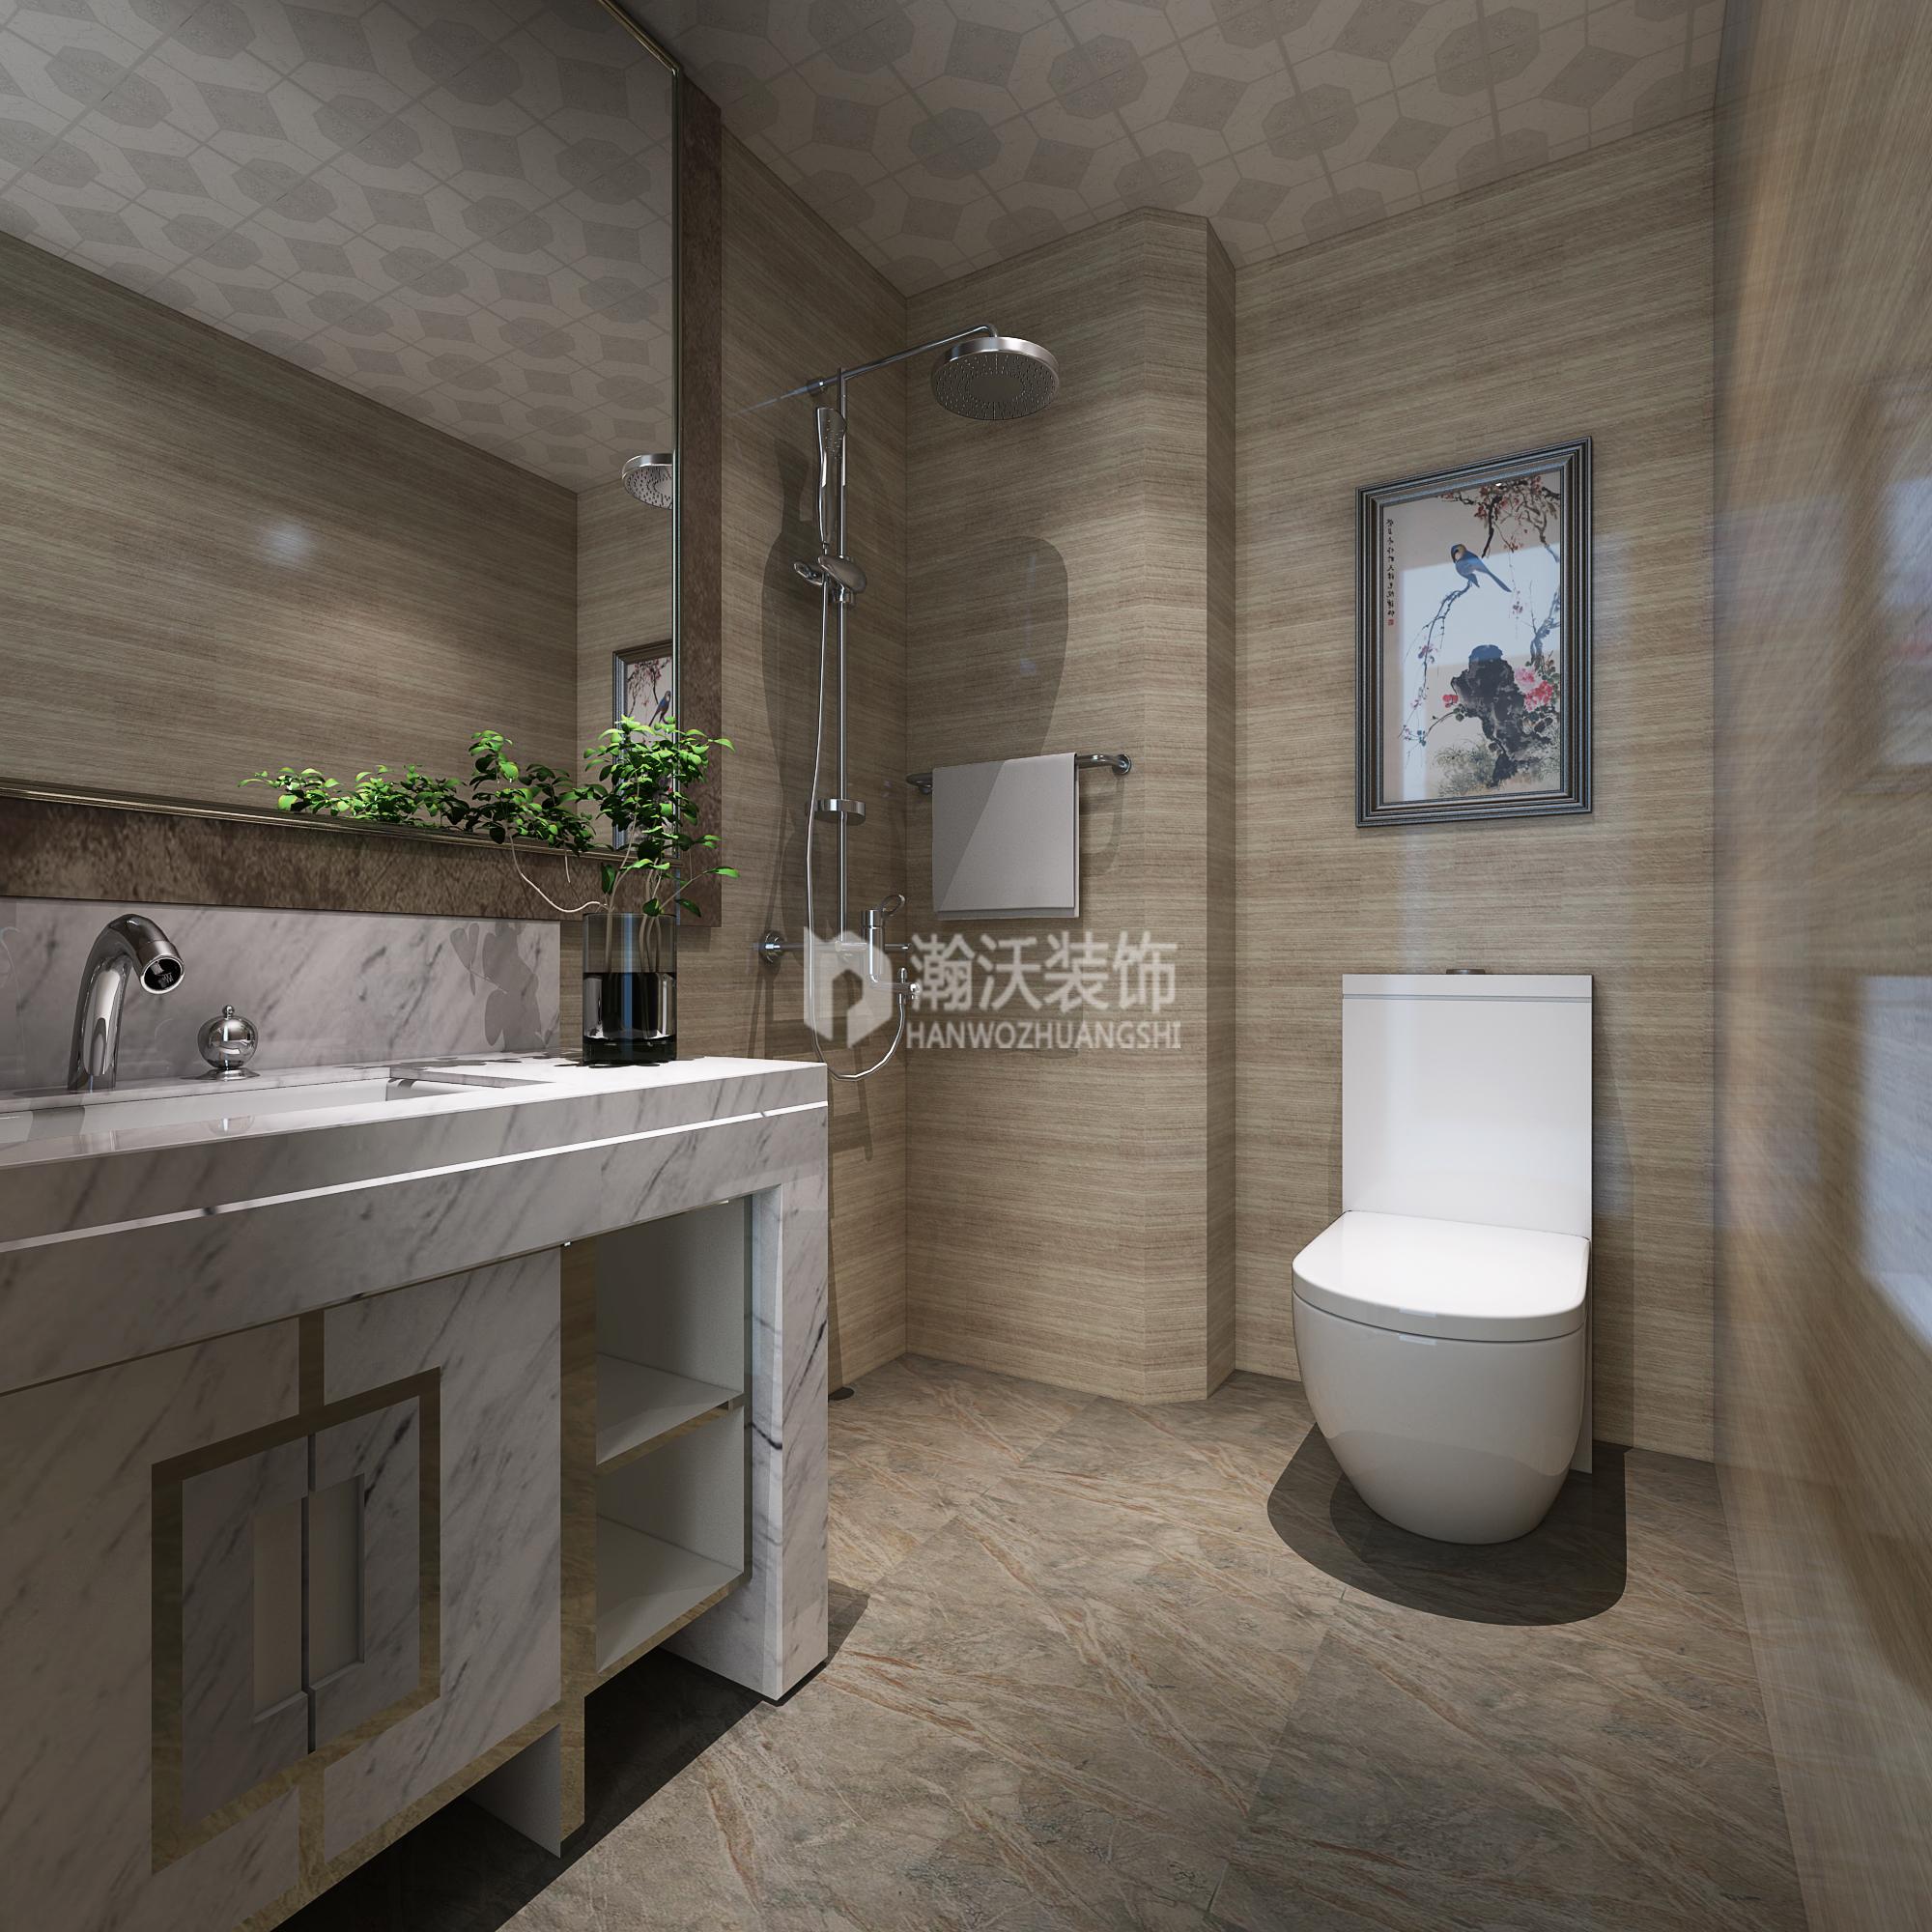 别墅 中式 龙华苑 卫生间图片来自河北瀚沃装饰在龙华苑中式案例的分享